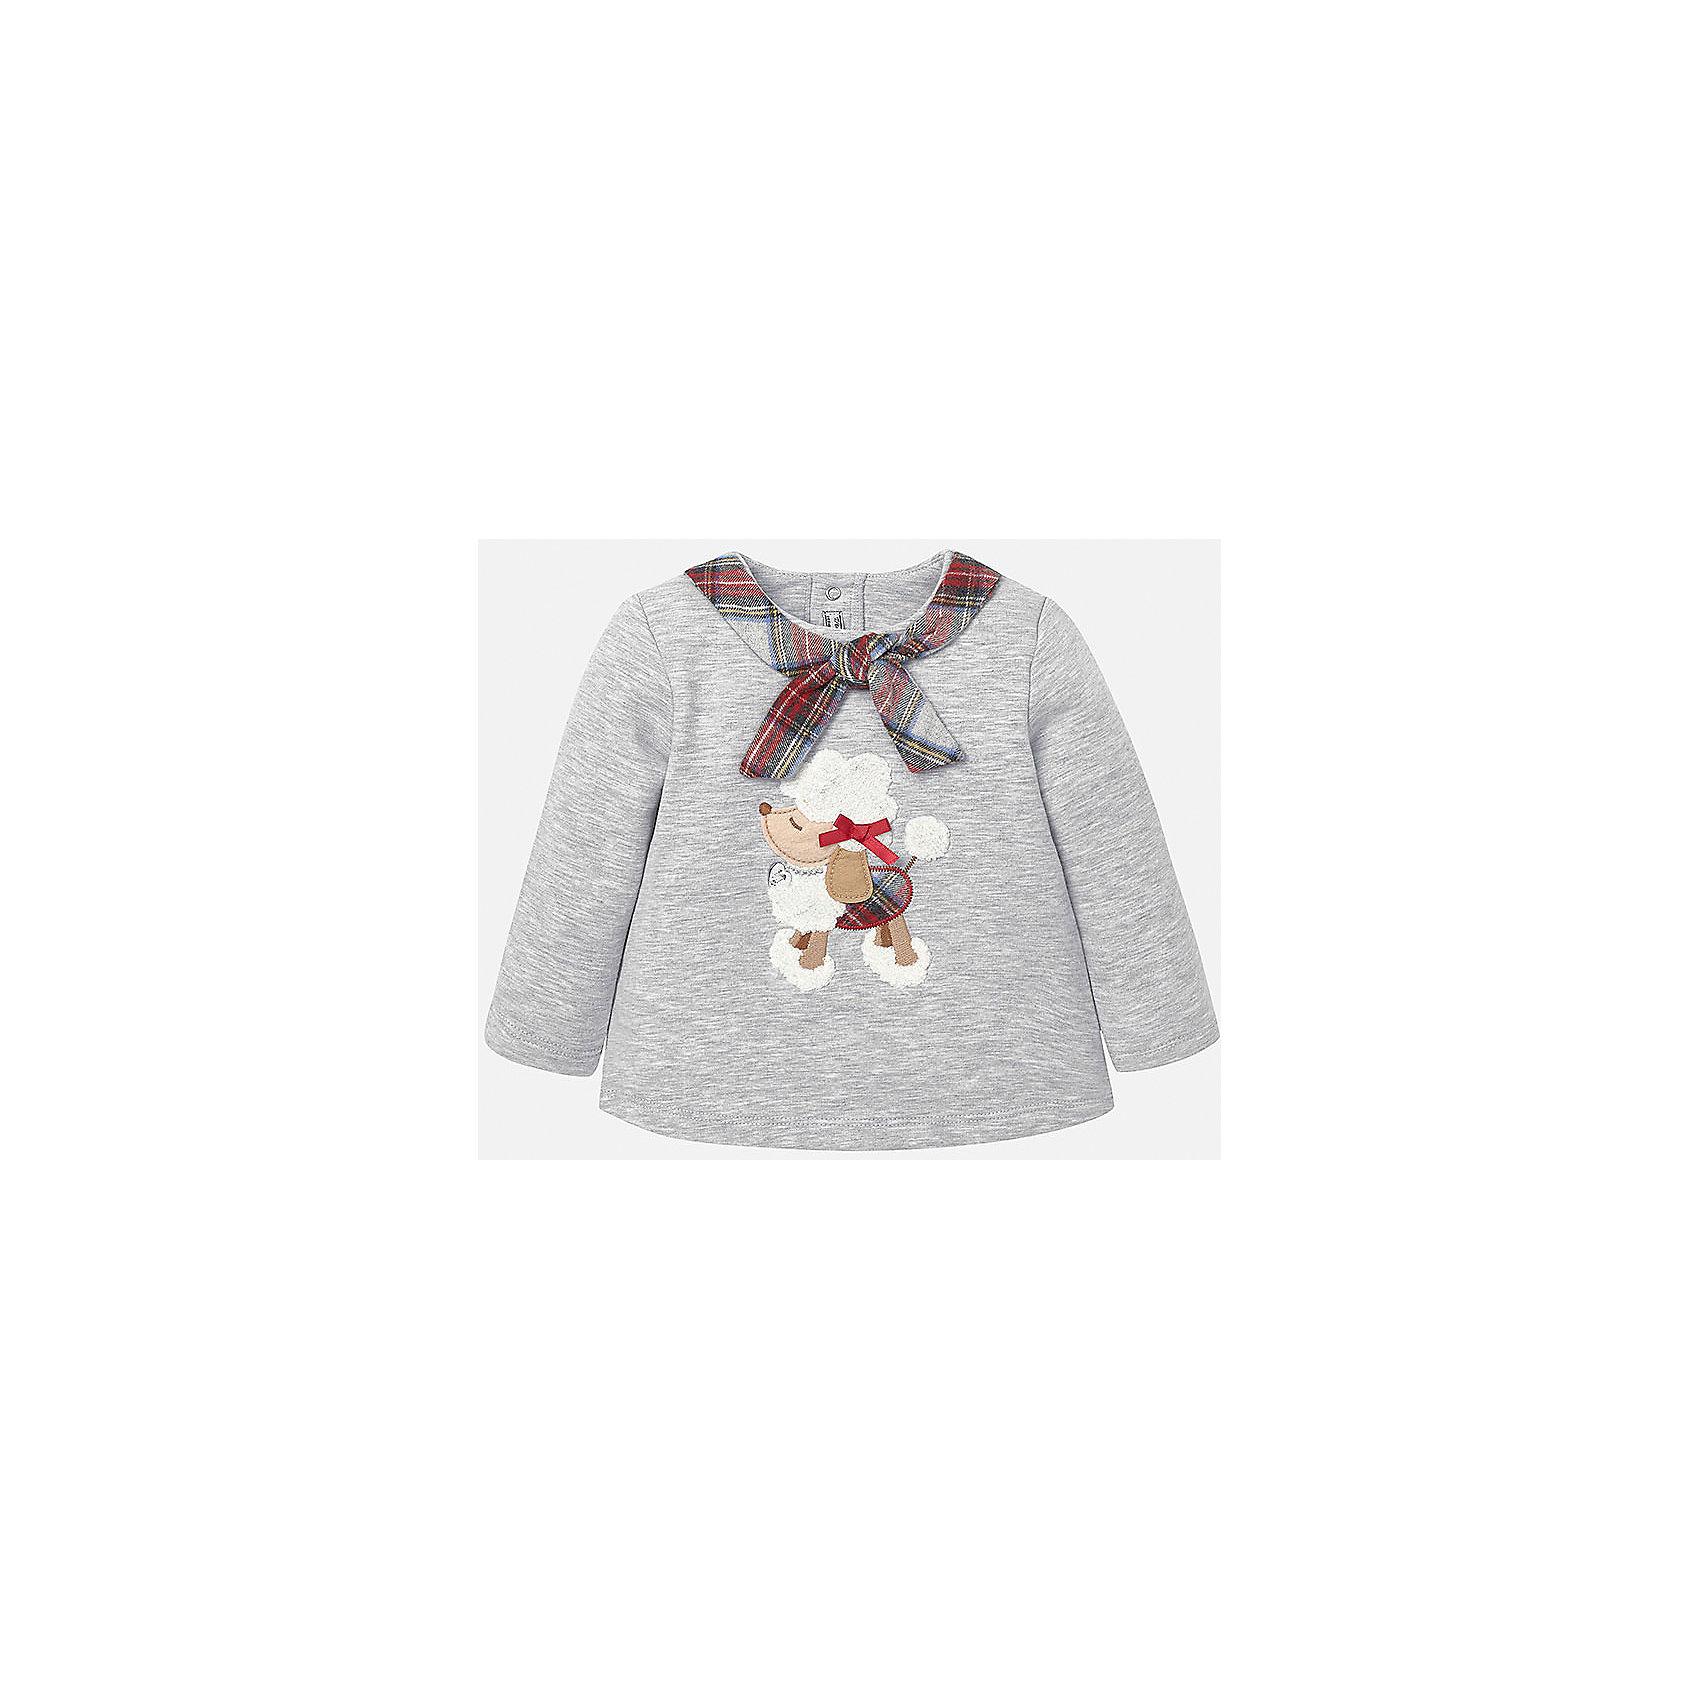 Свитер для девочки MayoralКрасивый и нарядный свитер для маленьких модниц с изображением очаровательной  собачки, которая  так всем понравиться. Свитер удачно дополнит любой предмет гардероба Вашей девочки.<br><br>Дополнительная информация: <br><br>- цвет: серый<br>- состав: хлопок57%, полиэстер 38%; эластан : 5%<br>- фактура материала: текстильный<br>- тип карманов: без карманов<br>- уход за вещами: бережная стирка при 30 градусах<br>- рисунок: без рисункоа<br>- назначение: повседневная<br>- сезон: круглогодичный<br>- пол: девочки<br>- страна бренда: Испания<br>- комплектация: свитер<br><br>Свитер для девочки торговой марки Mayoral можно купить в нашем интернет-магазине.<br><br>Ширина мм: 190<br>Глубина мм: 74<br>Высота мм: 229<br>Вес г: 236<br>Цвет: белый<br>Возраст от месяцев: 6<br>Возраст до месяцев: 9<br>Пол: Женский<br>Возраст: Детский<br>Размер: 74,92,80,86<br>SKU: 4846059